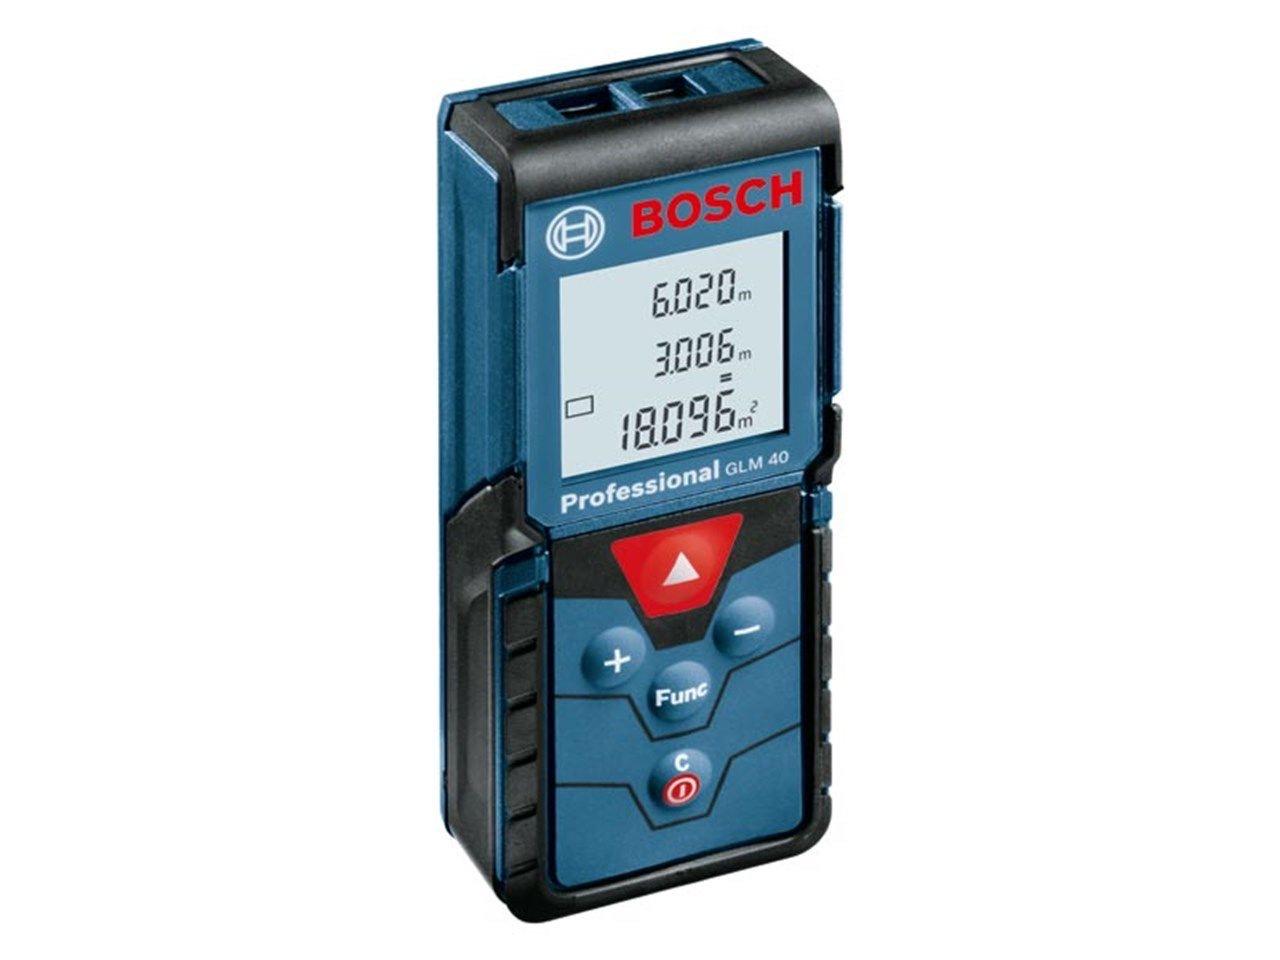 Bosch Professional GLM 40 Afstandsmeter in tas @Amazon.es